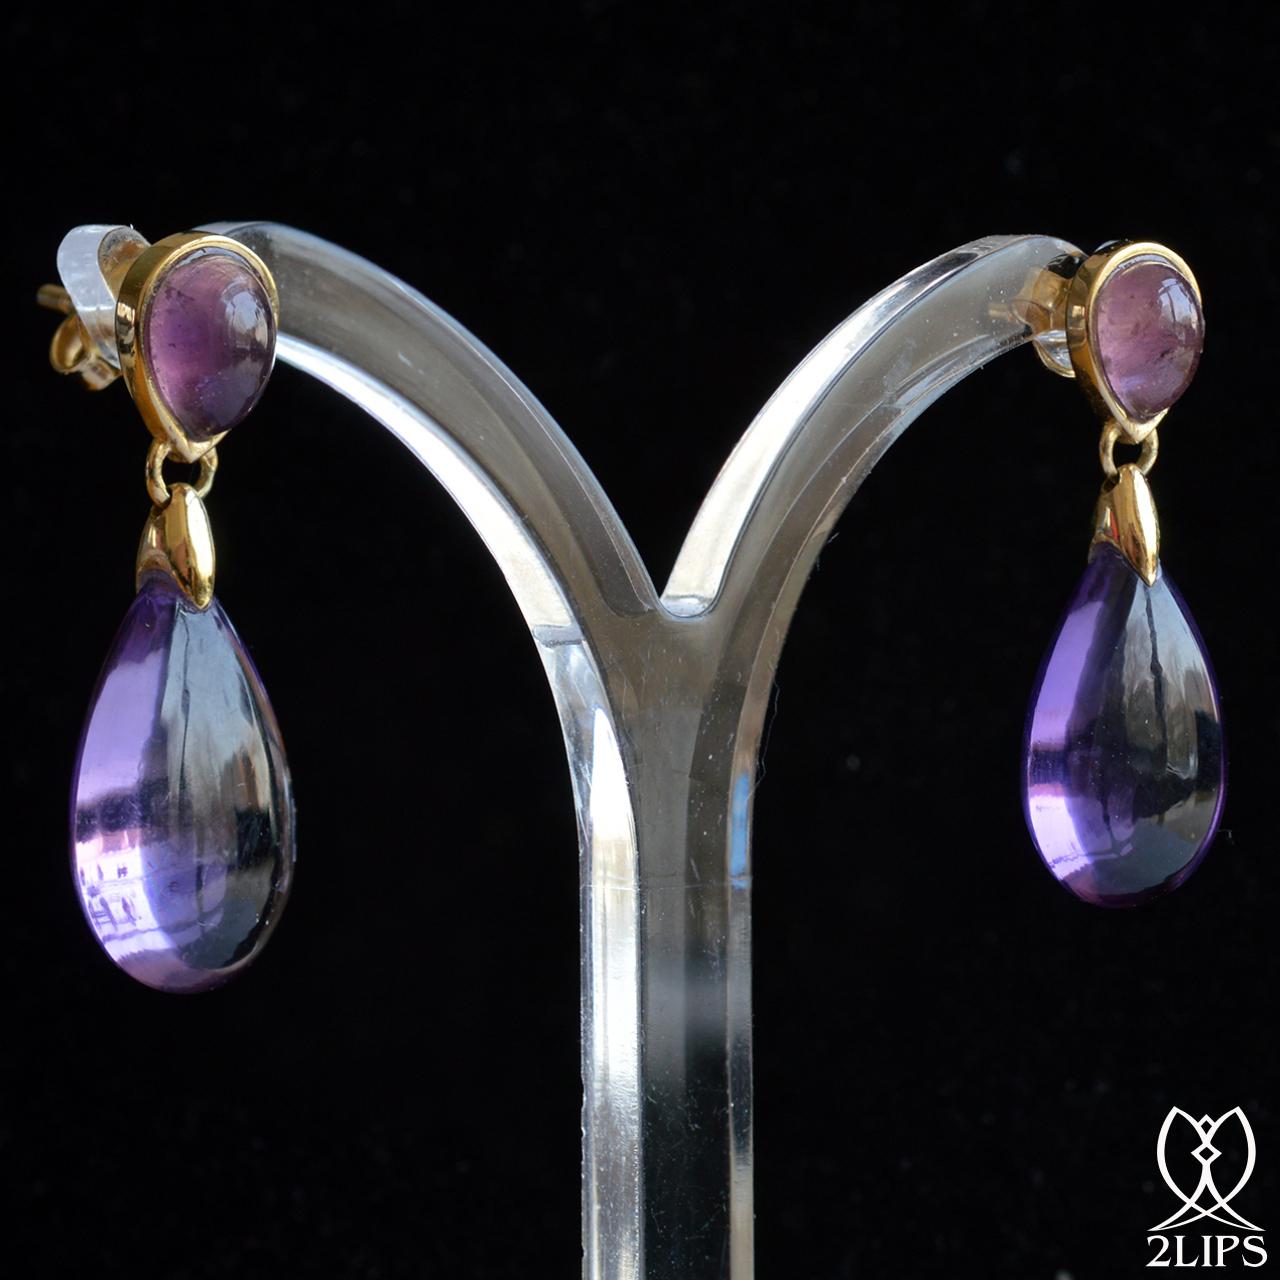 18k-goud-2lips-colours-oorbellen-amethist-designer-david-aardewerk-juwelier